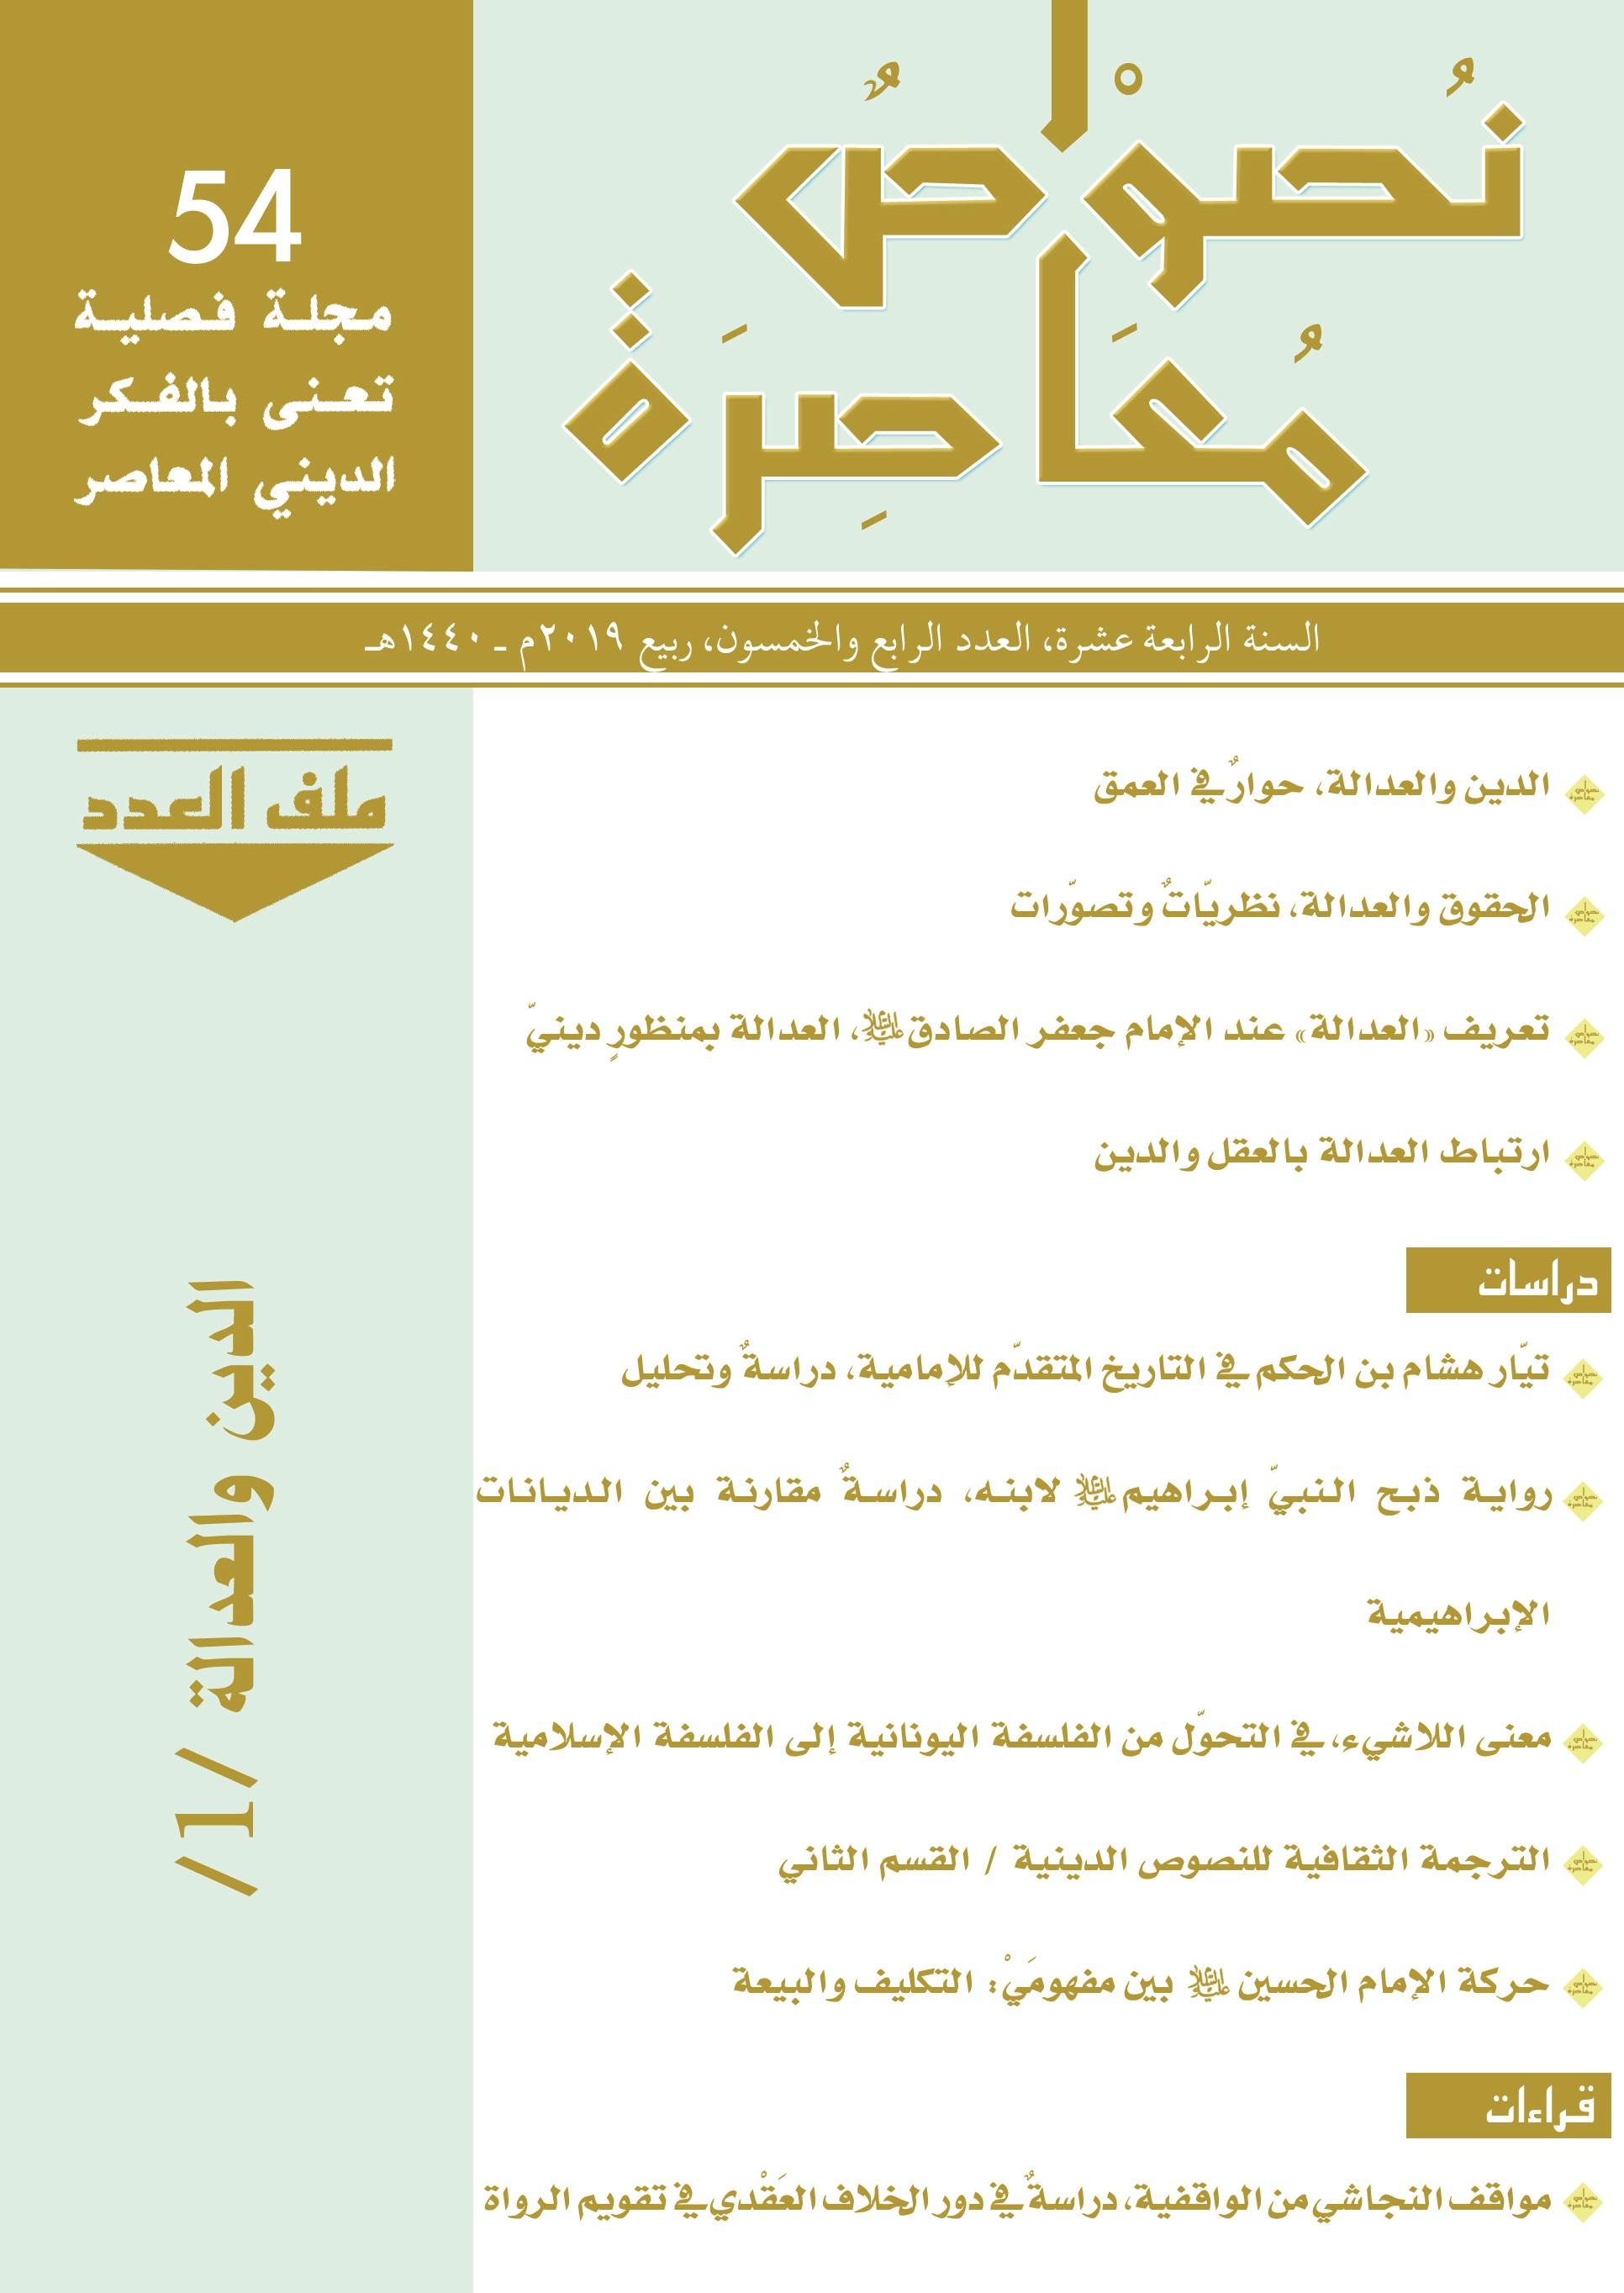 الدين والعدالة محور مجلَّة «نصوص معاصرة»